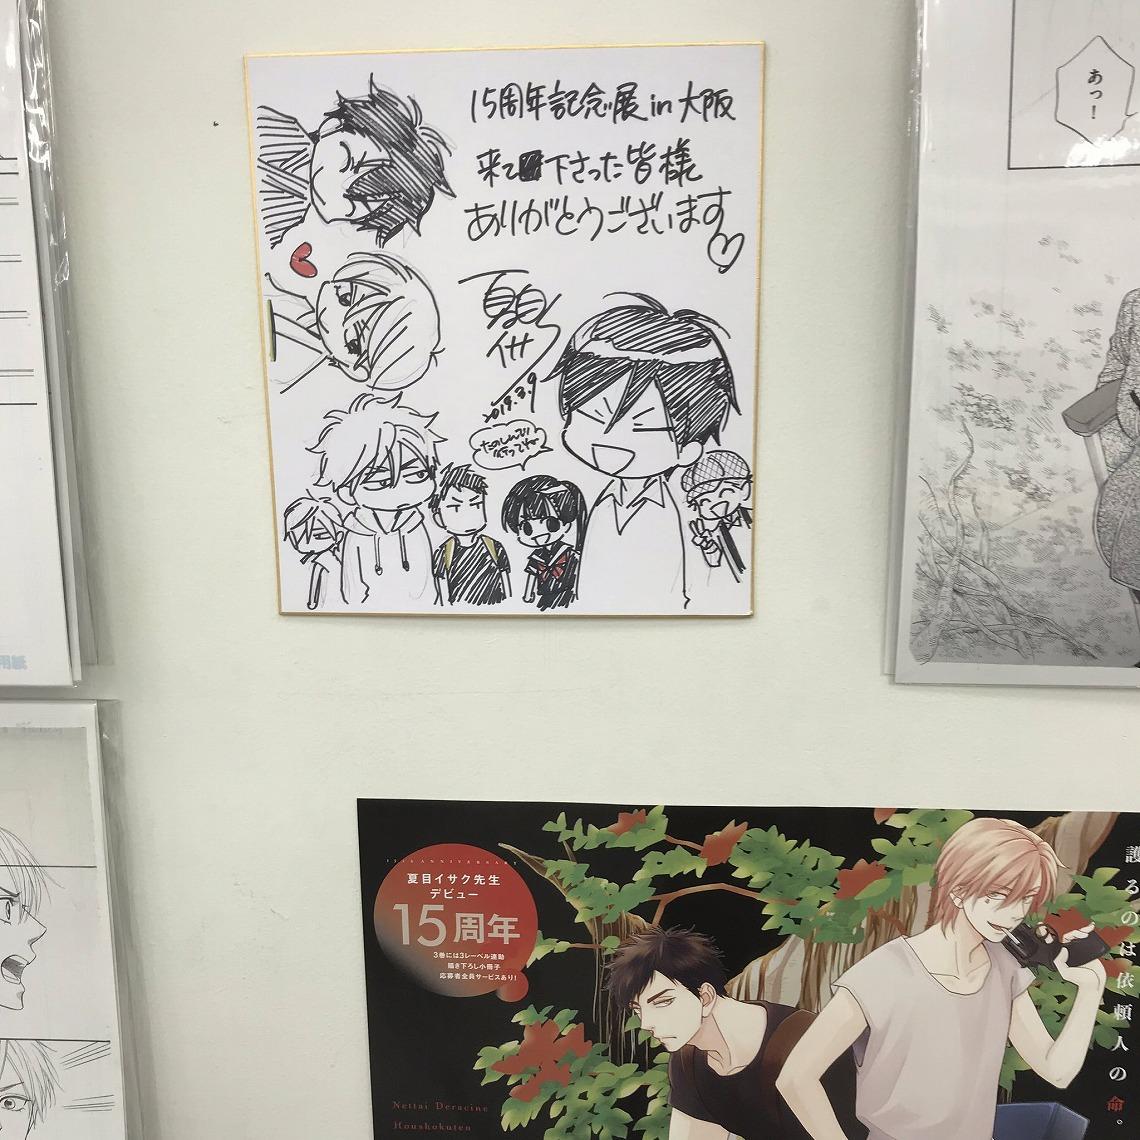 夏目イサク デビュー15周年記念展 in 大阪